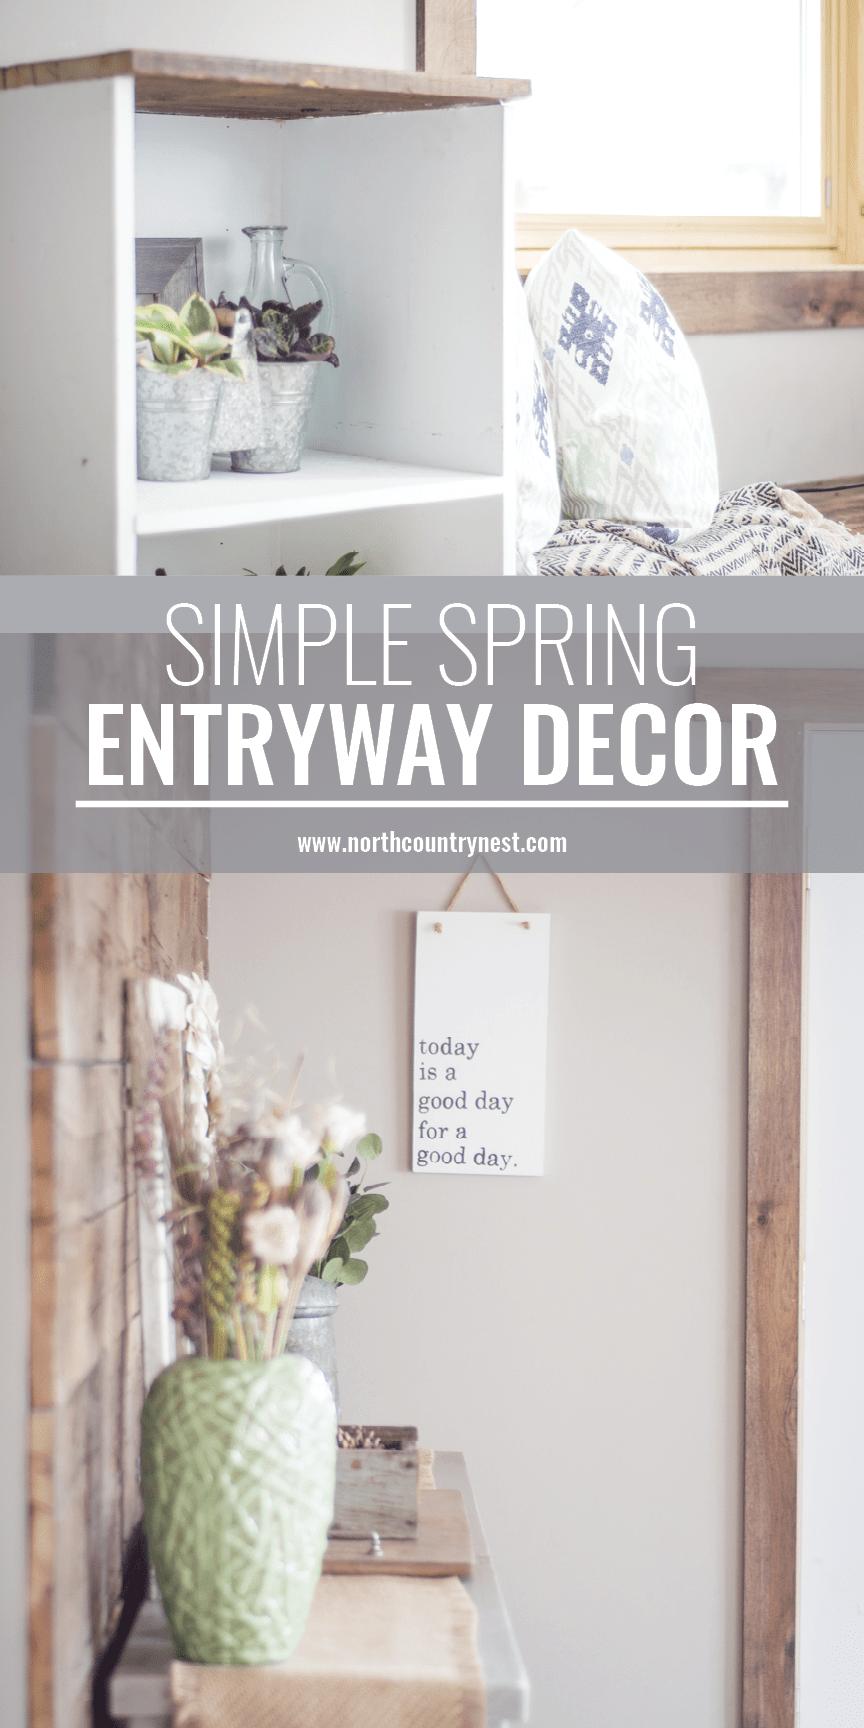 simple spring entryway decor